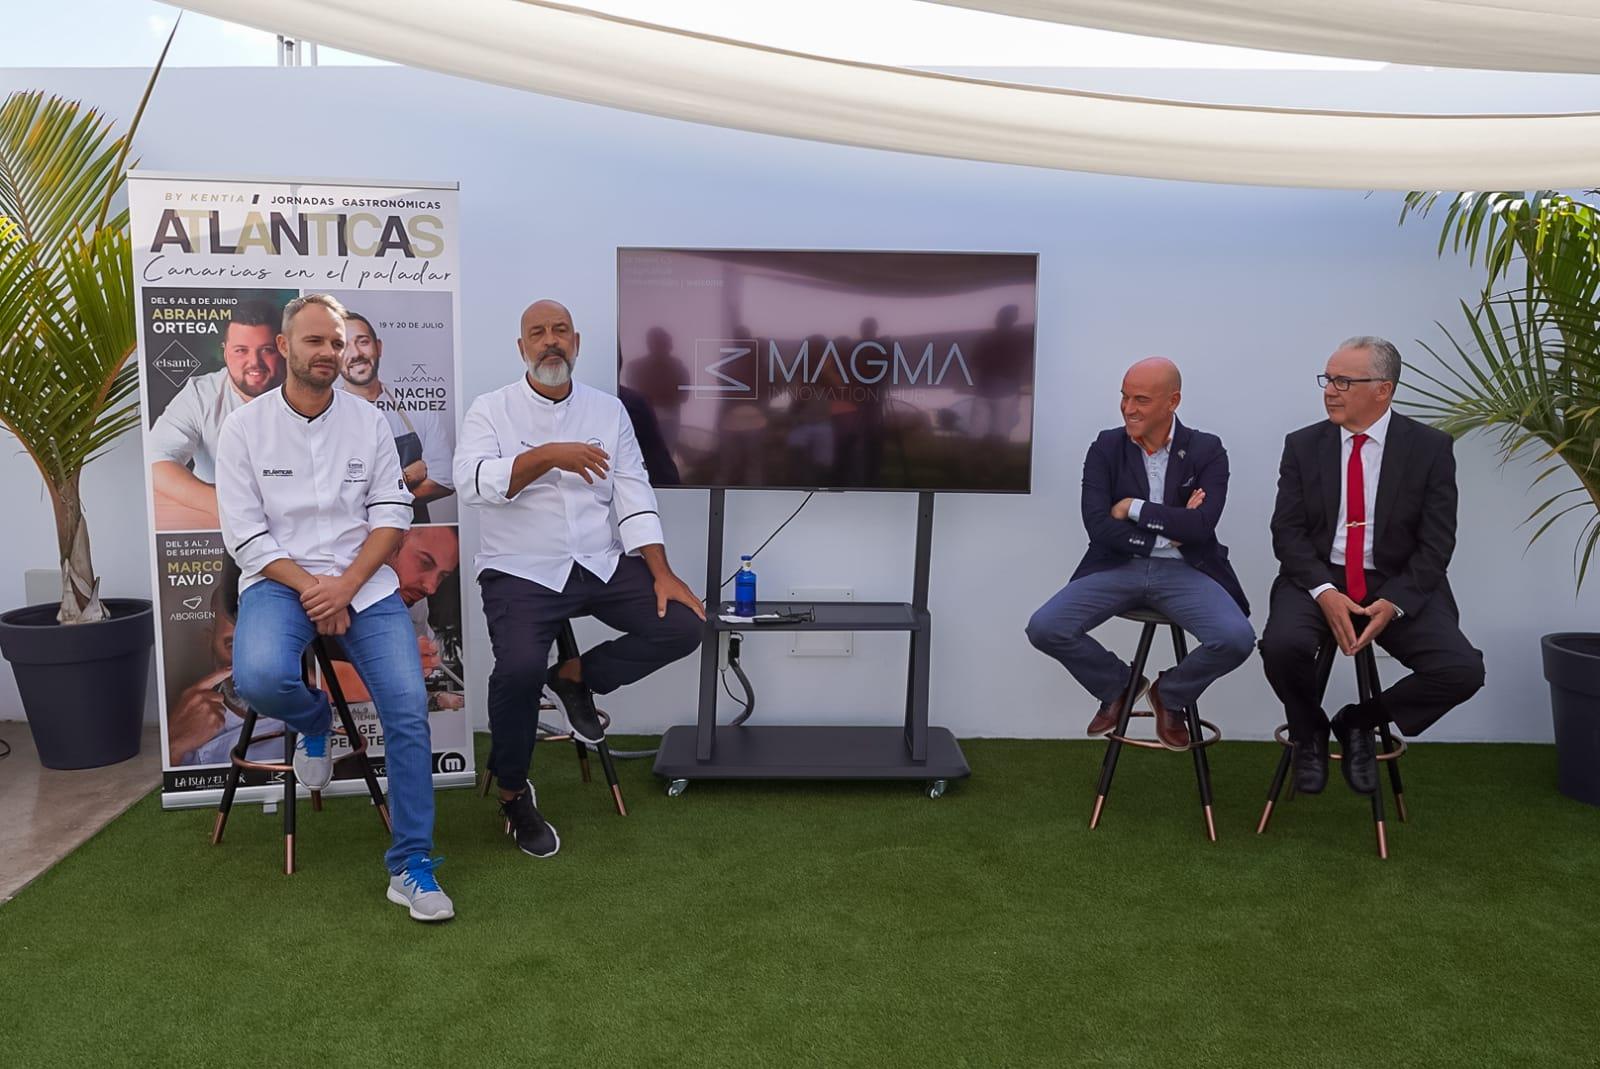 Kentia, de la mano del chef Marcos Tavío, presenta en Lanzarote su apuesta por el producto local y la historia de la cocina canaria